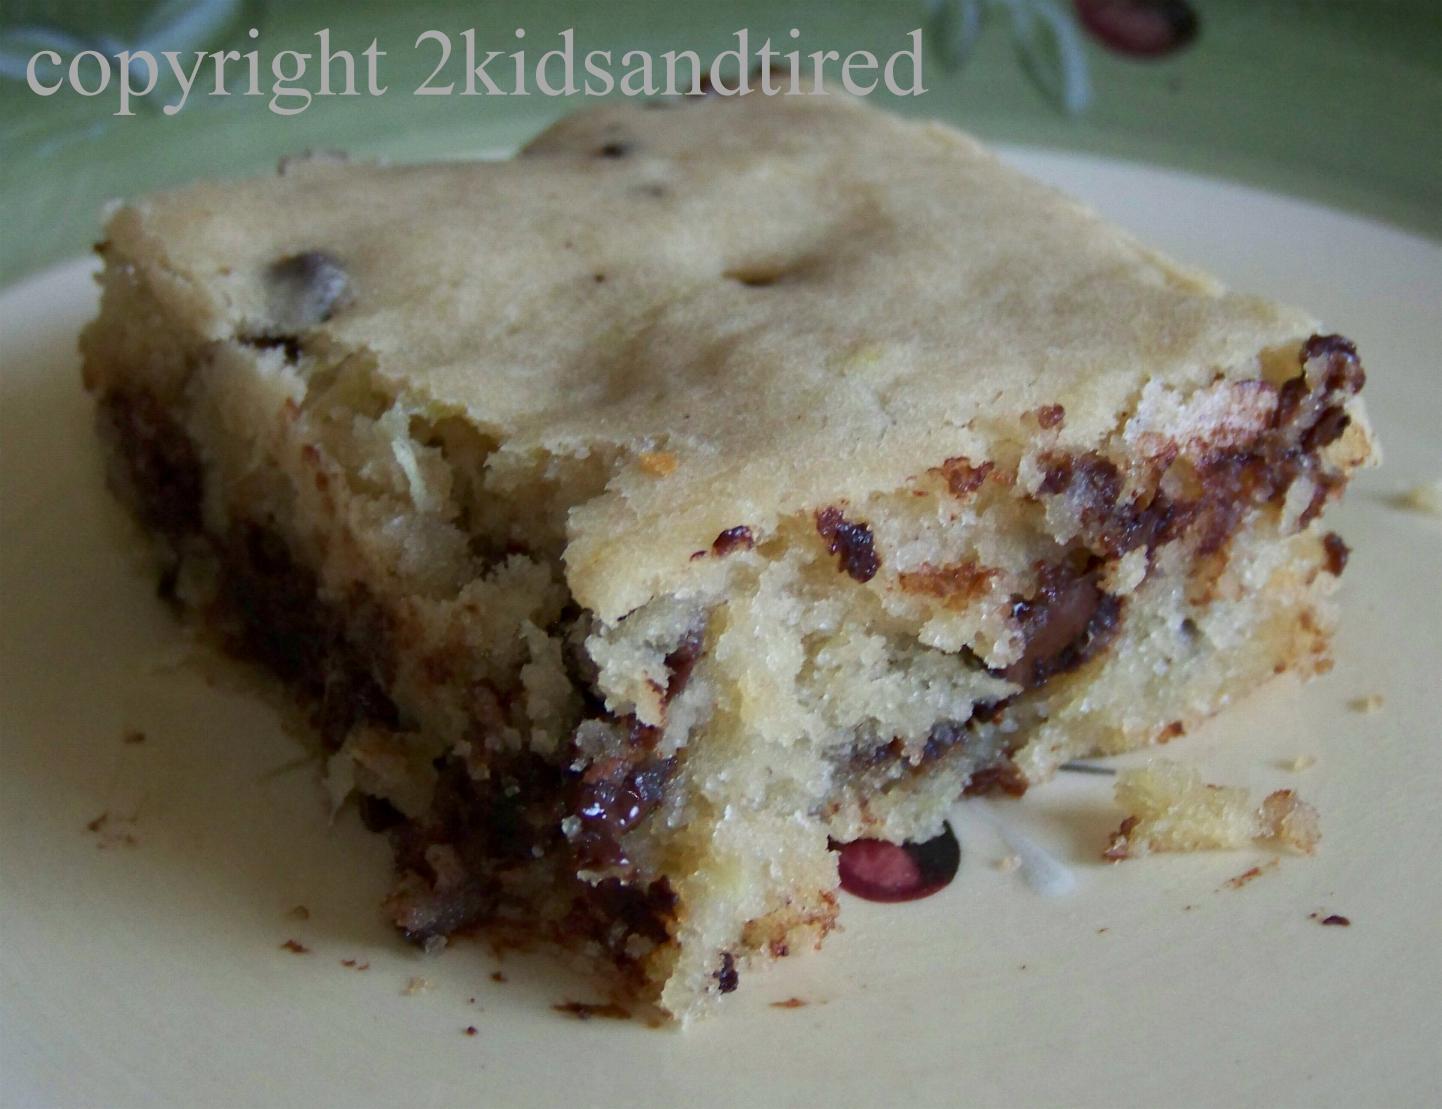 Chocolate Chip Zucchini Cake With Cake Mix